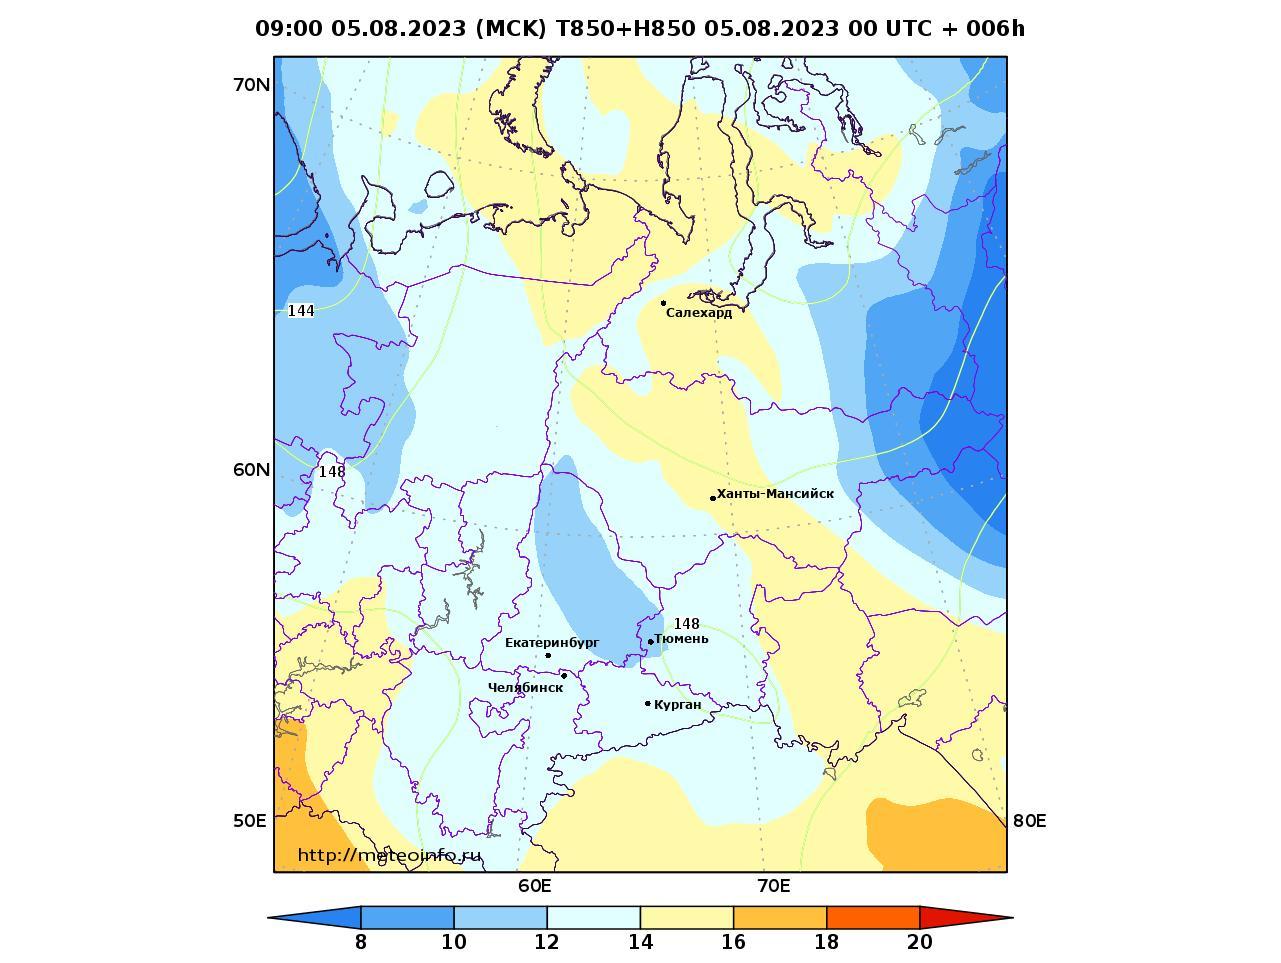 Уральский Федеральный округ, прогностическая карта температура T850 и геопотенциал H850, заблаговременность прогноза 6 часов